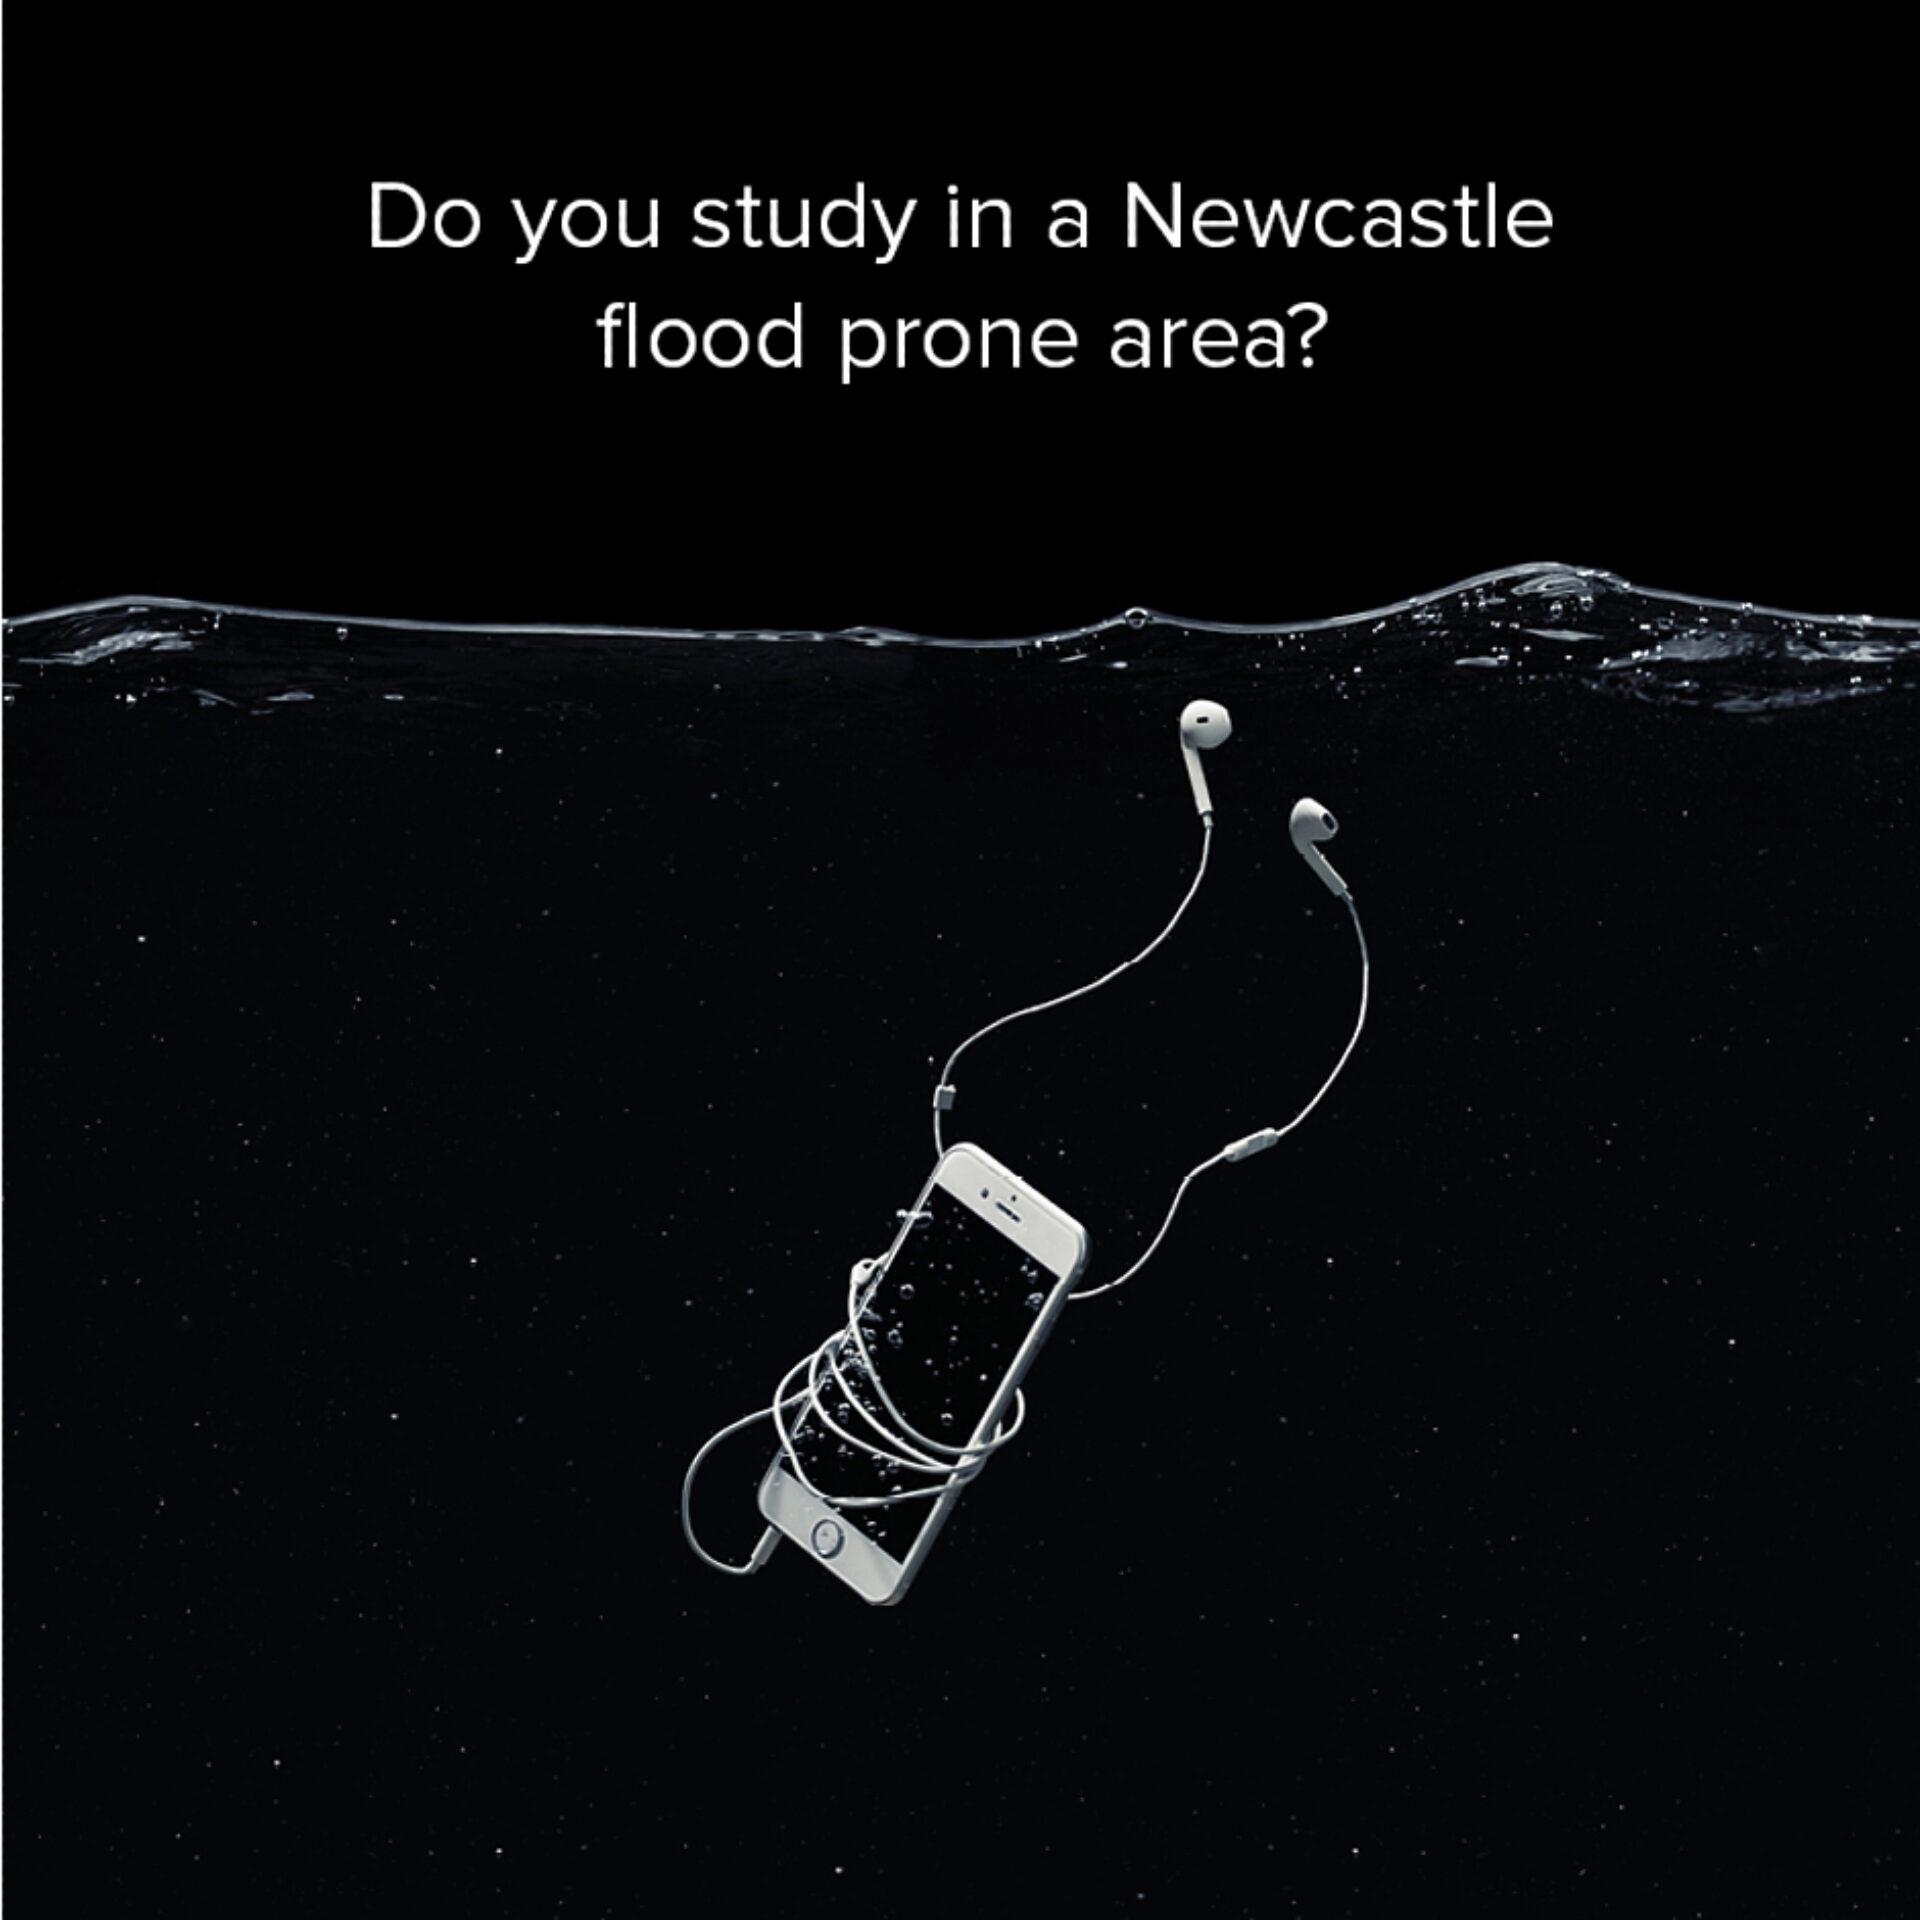 Newcastle flood image 02